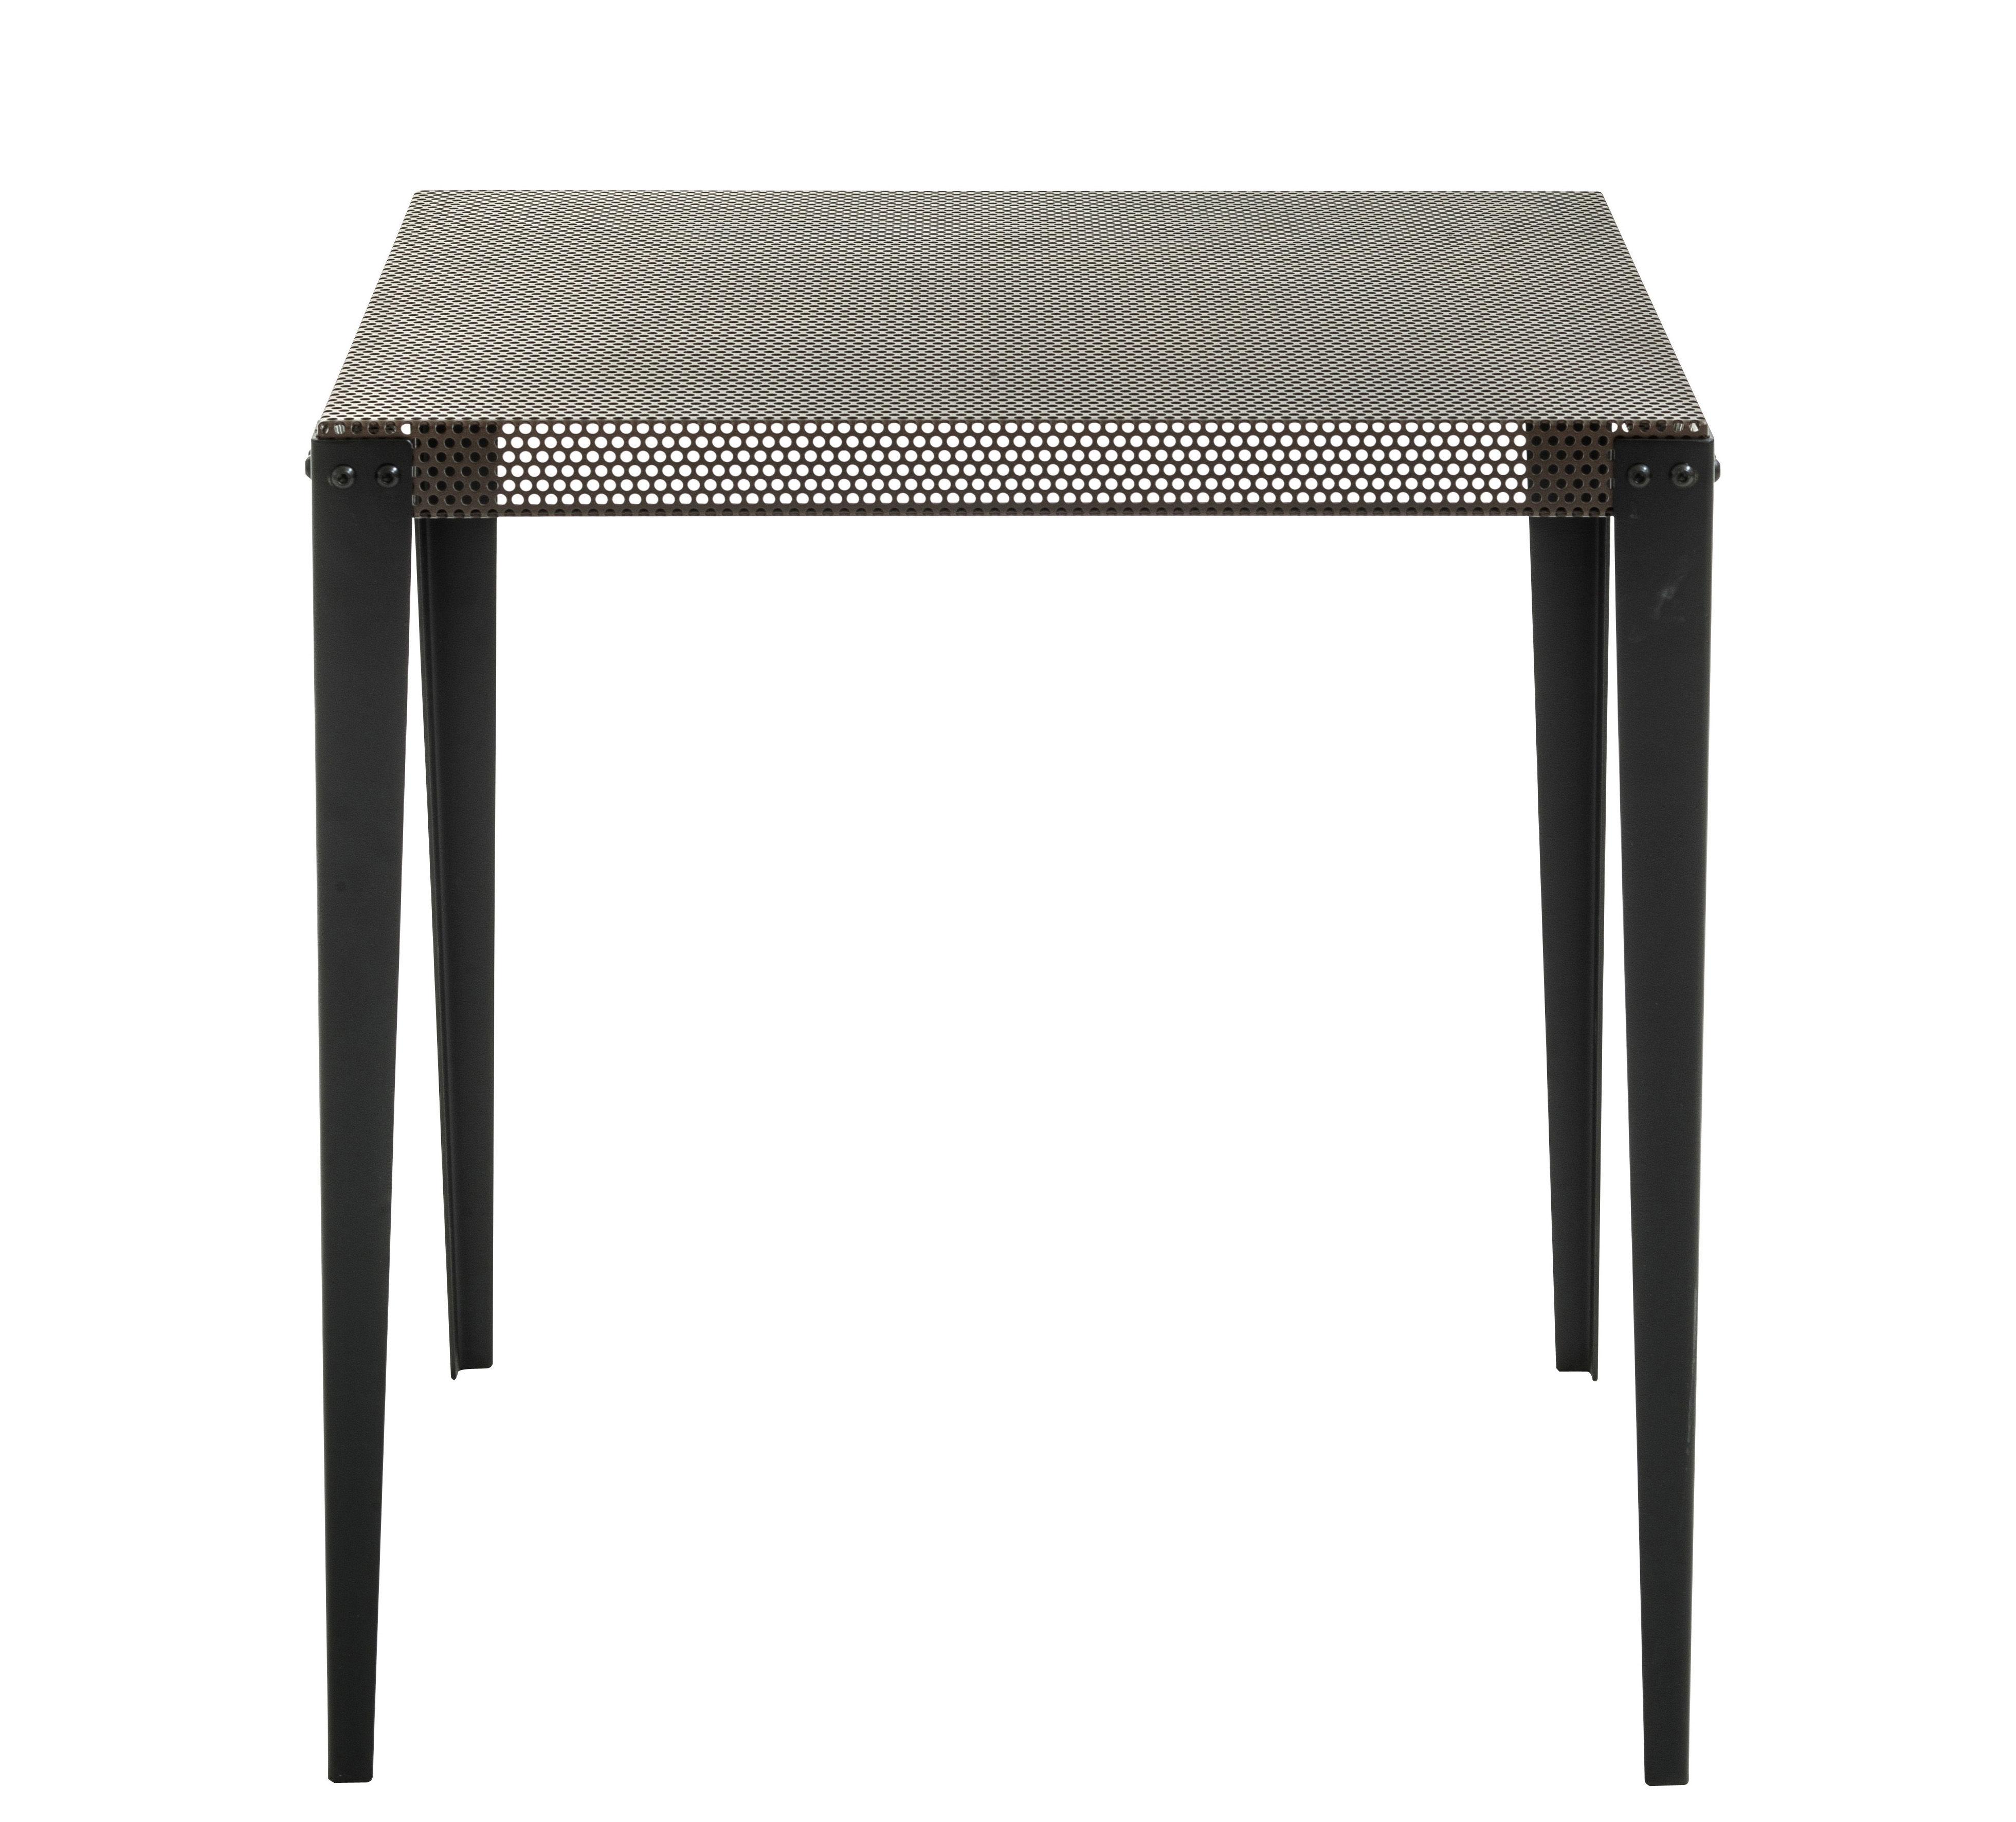 Mobilier - Tables - Table carrée Nizza / 75 x 75 cm - Diesel with Moroso - Cuivre / Pieds noirs - Acier verni